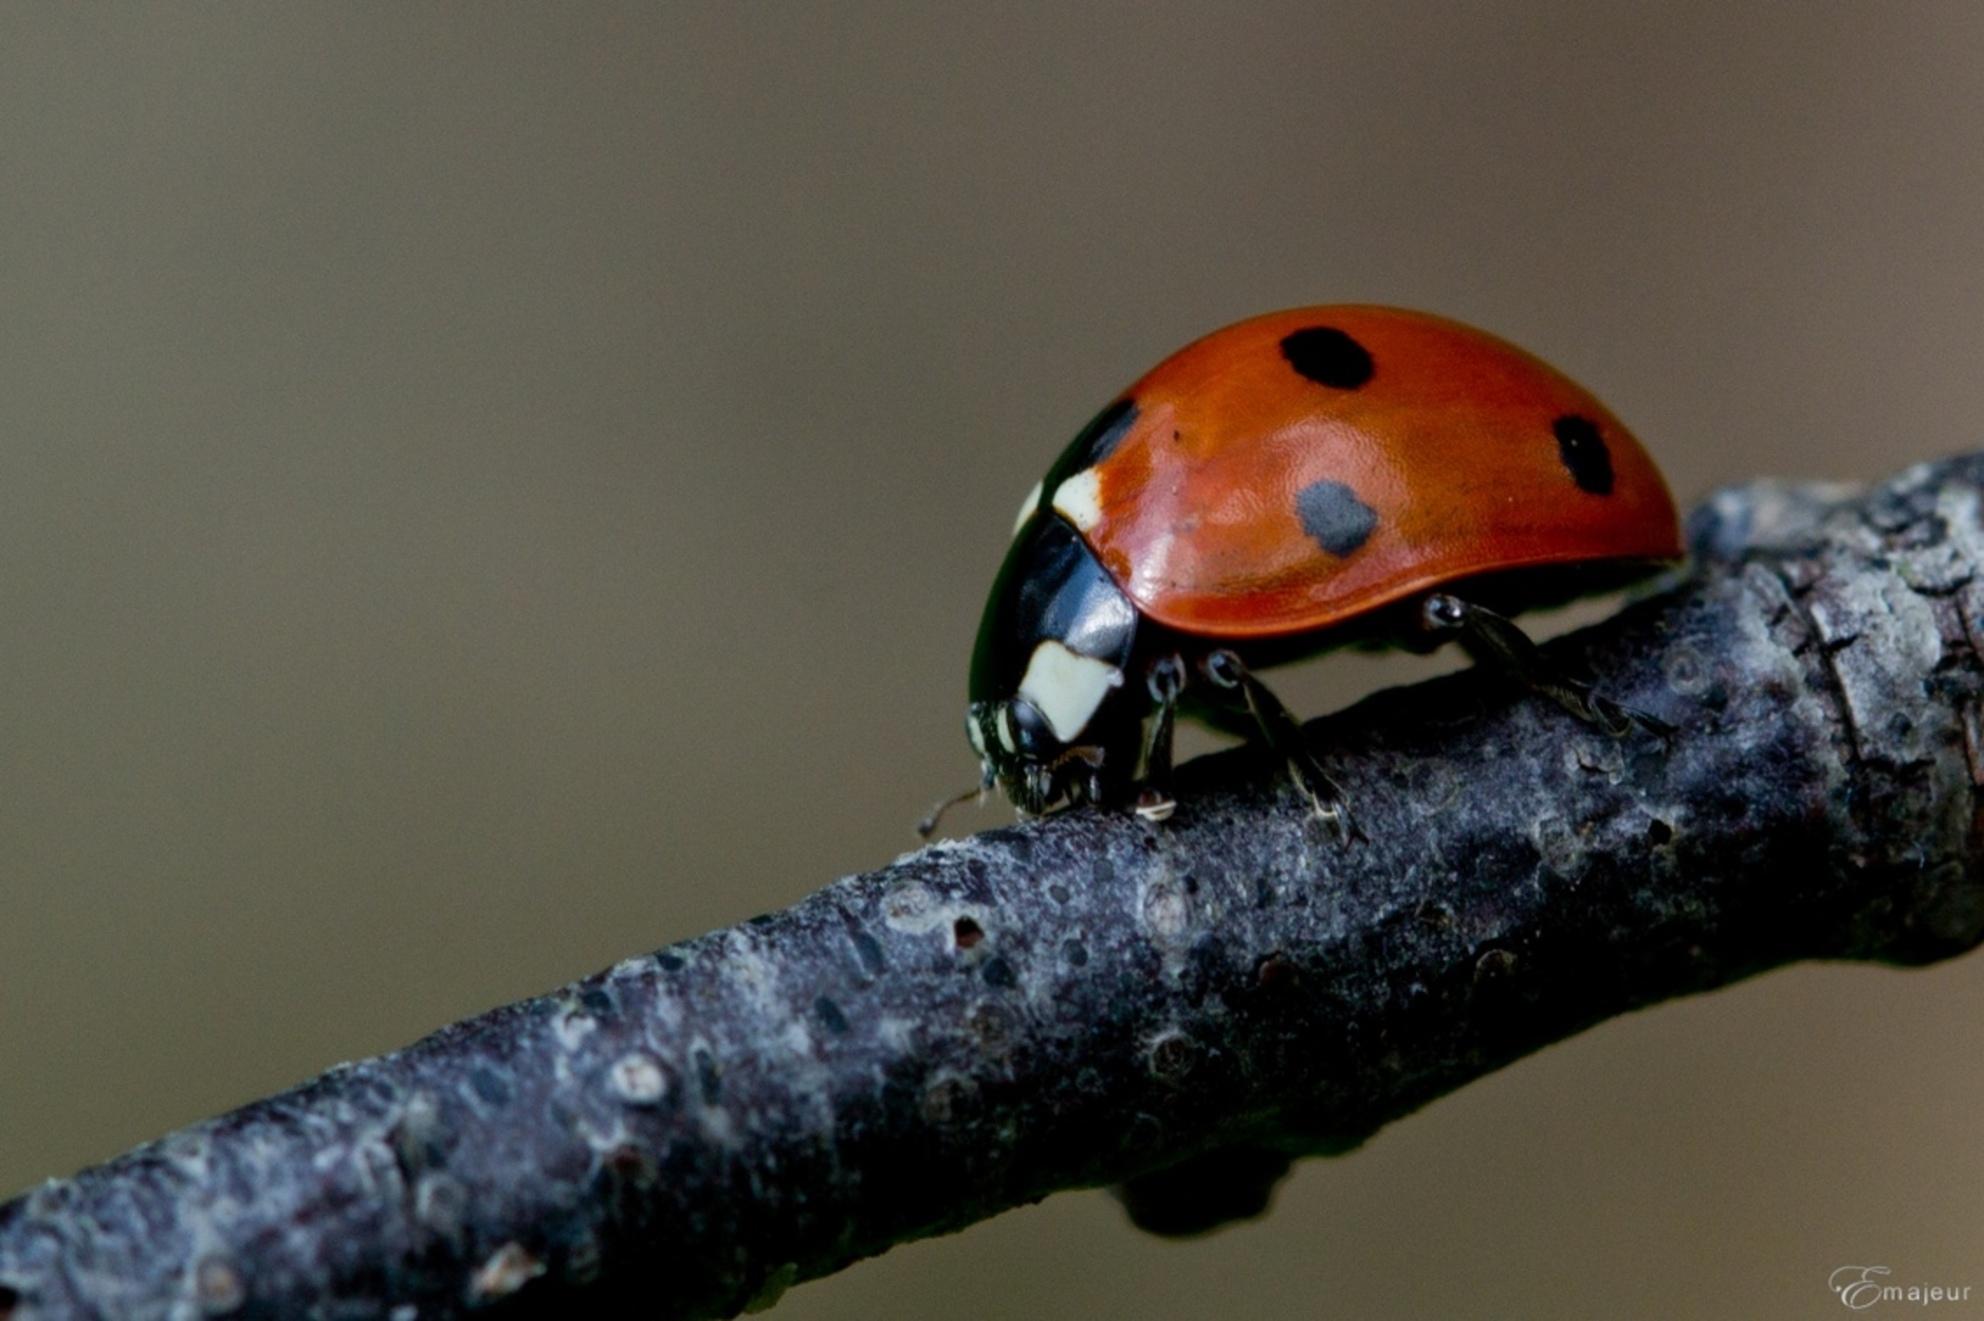 lieveheersbeestje - Ik zag er een paar zitten in een struikje in de tuin. Wil graag proberen nog eens een vliegende scherp erop te krijgen, maar het is nu te koud - ze v - foto door studioesther op 22-04-2012 - deze foto bevat: lieveheersbeestje, lhb, insect - Deze foto mag gebruikt worden in een Zoom.nl publicatie